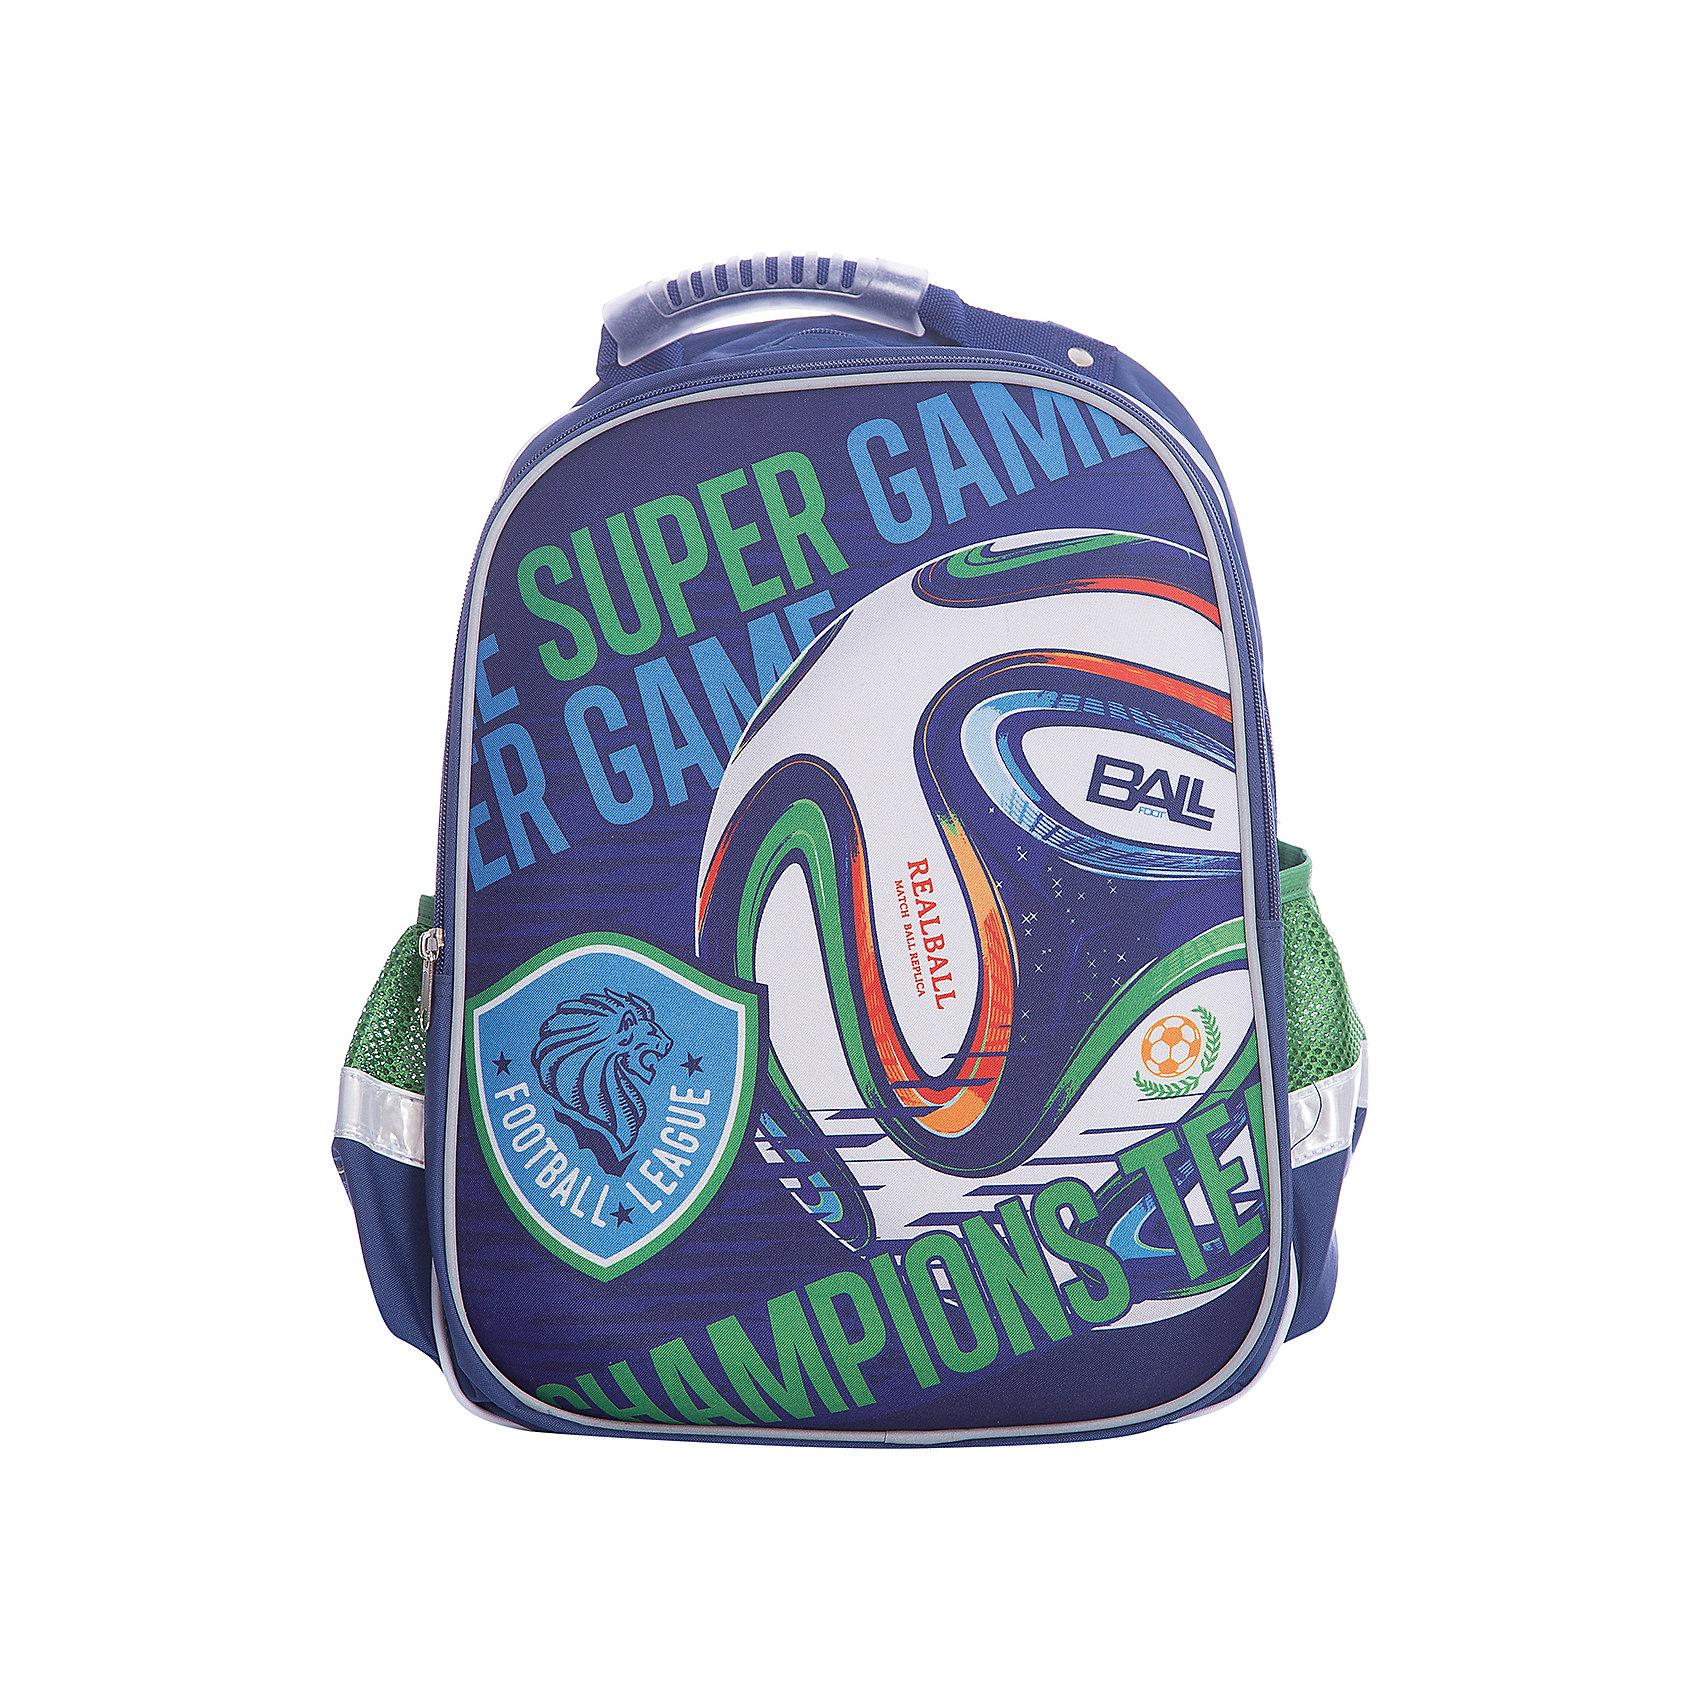 Ранец Super bag Футбол, ортопедическая спинкаРанцы<br>Характеристики товара:<br><br>• тип: рюкзак<br>• цвет: синий<br>• состав: полиэстер 100%<br>• пол: для мальчика<br>• вид застежки: молния<br>• размеры: 42х14х33 см<br>• количество отделений: 3 шт.<br>• сезон: круглогодичный<br>• бренд: Limpopo<br>• страна бренда: США<br>• страна производитель: Китай<br><br>Стильный ранец Super bag Футбол вместительный и в тоже время невероятно легкий и удобный ранец, послужит отличным помошников в учебе для маленького школьника. <br><br>Внутри ранца находятся три больших отделения, снаружи два боковых кармана- сеточки, а дно оснащено устойчивыми ножками, защищающими от воды и грязи. <br><br>Красочный передний клапан выполнен EVA-материала, который обеспечивает долговечность и износоустйчивость ранца. <br><br>Модель ранца Super bag Футбол соответствует всем необходимым для здоровья и безопасности ребенка требованиям, а именно расположенными на лямках и передней части ранца светоотражающими элементами, широкими регулируемыми лямками, а также эргономичной спинкой, повторяющей естественный изгиб позвоночника.<br><br>Ранец Super bag Футбол, с ортопедической спинкой торговой марки Limpopo можно купить в нашем интернет-магазине.<br><br>Ширина мм: 330<br>Глубина мм: 4200<br>Высота мм: 140<br>Вес г: 730<br>Возраст от месяцев: 48<br>Возраст до месяцев: 96<br>Пол: Мужской<br>Возраст: Детский<br>SKU: 5475523